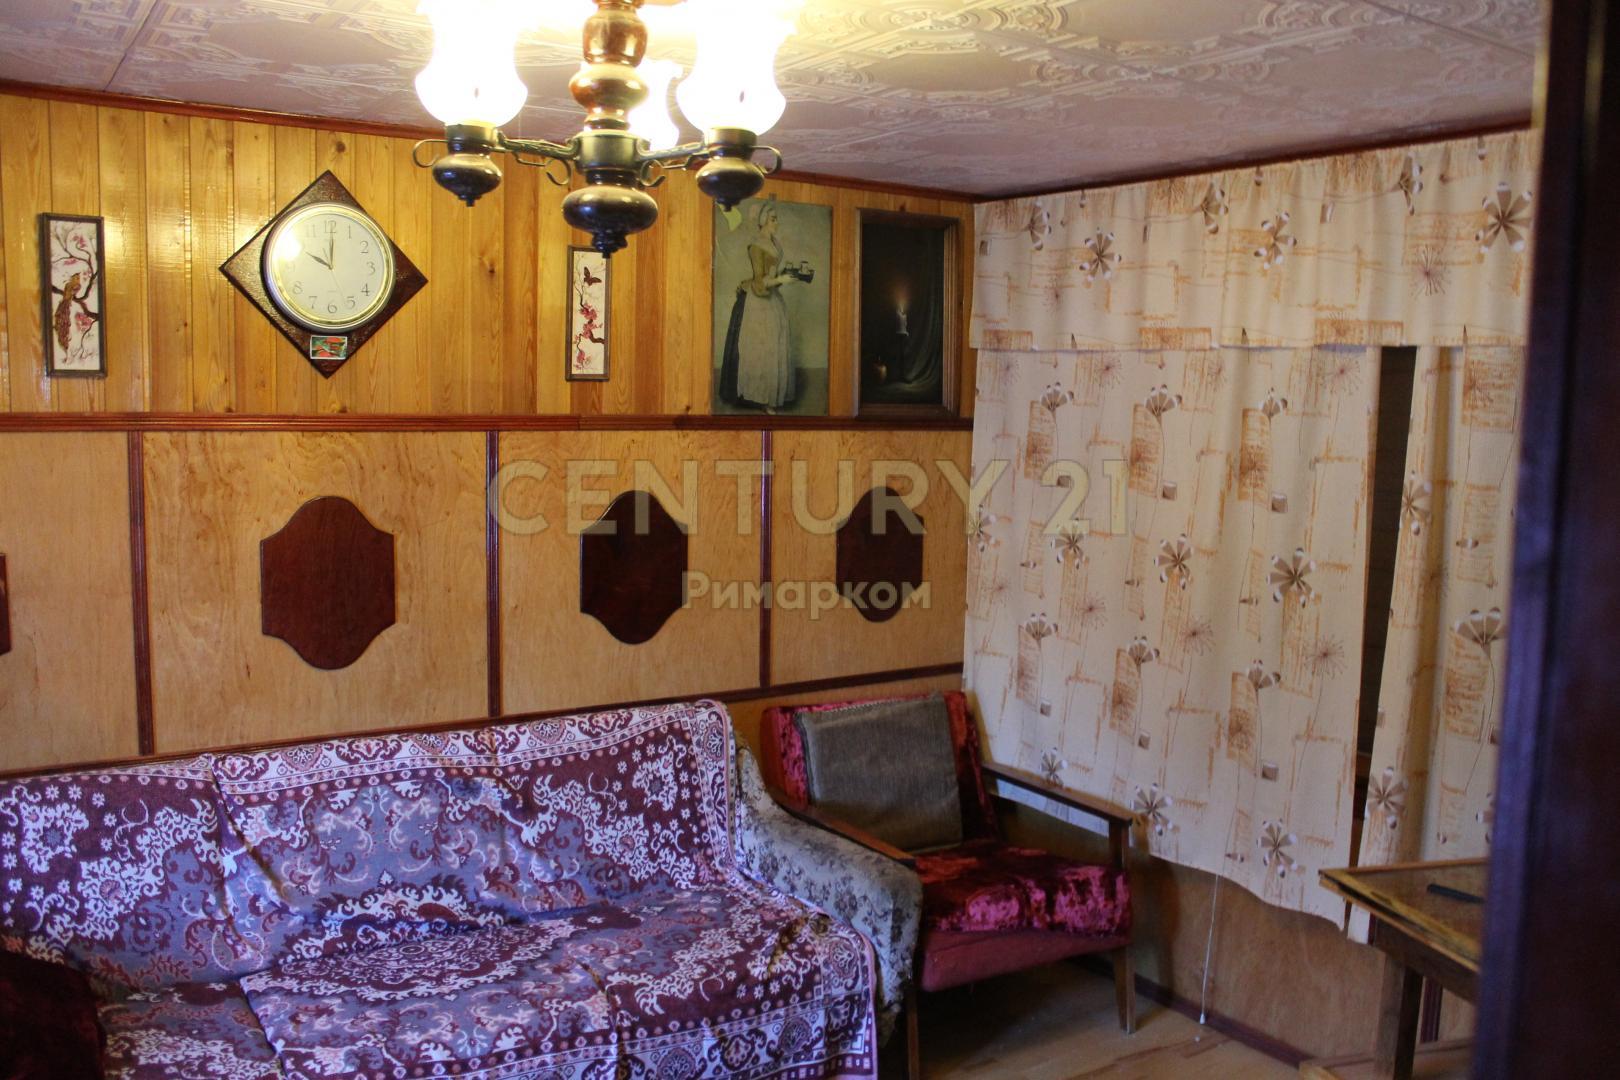 Продам дача по адресу Россия, Москва и Московская область, городской округ Чехов, Дубрава фото 8 по выгодной цене